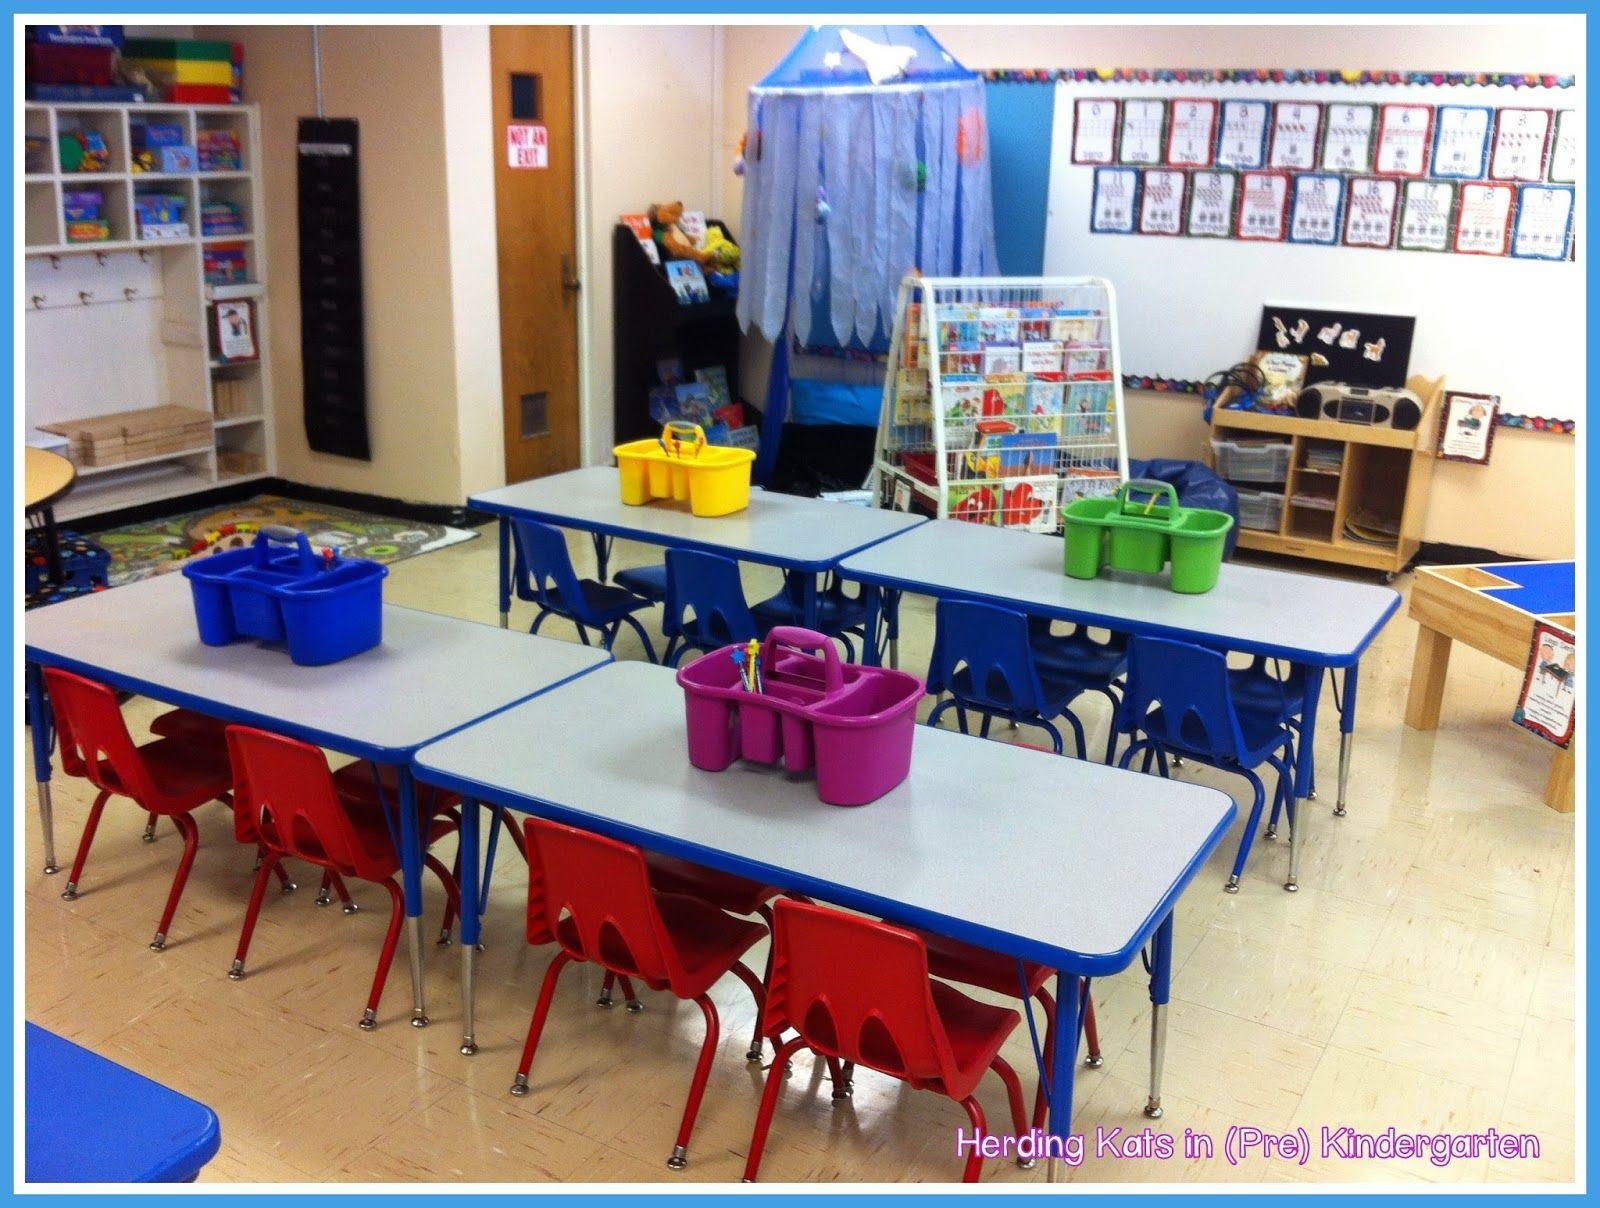 Herding Kats in Kindergarten: Classroom Set-Up Pictures!